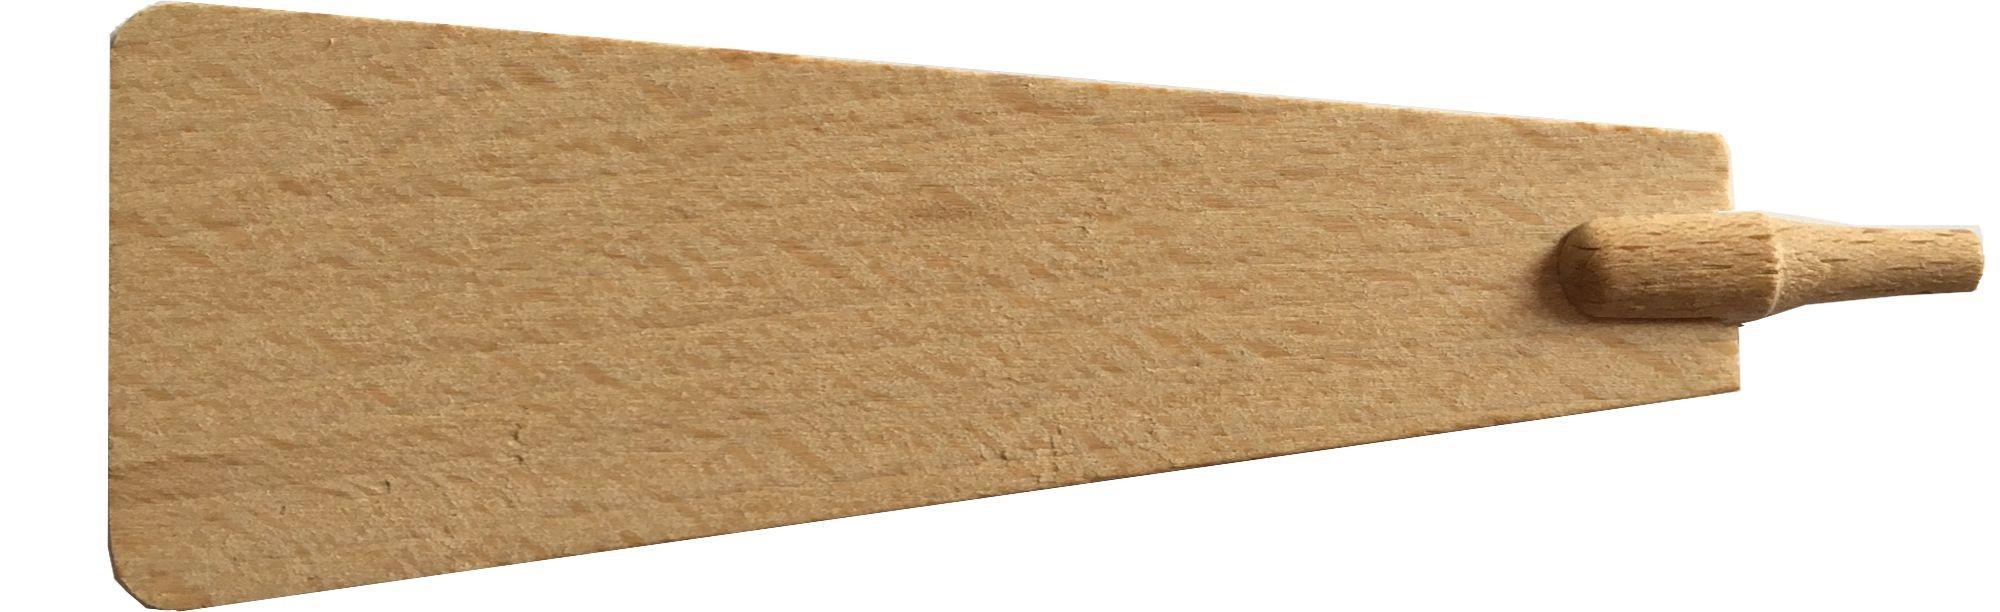 Pyramidenflügel mit Schaft Dms. 5 mm, Länge 115mm